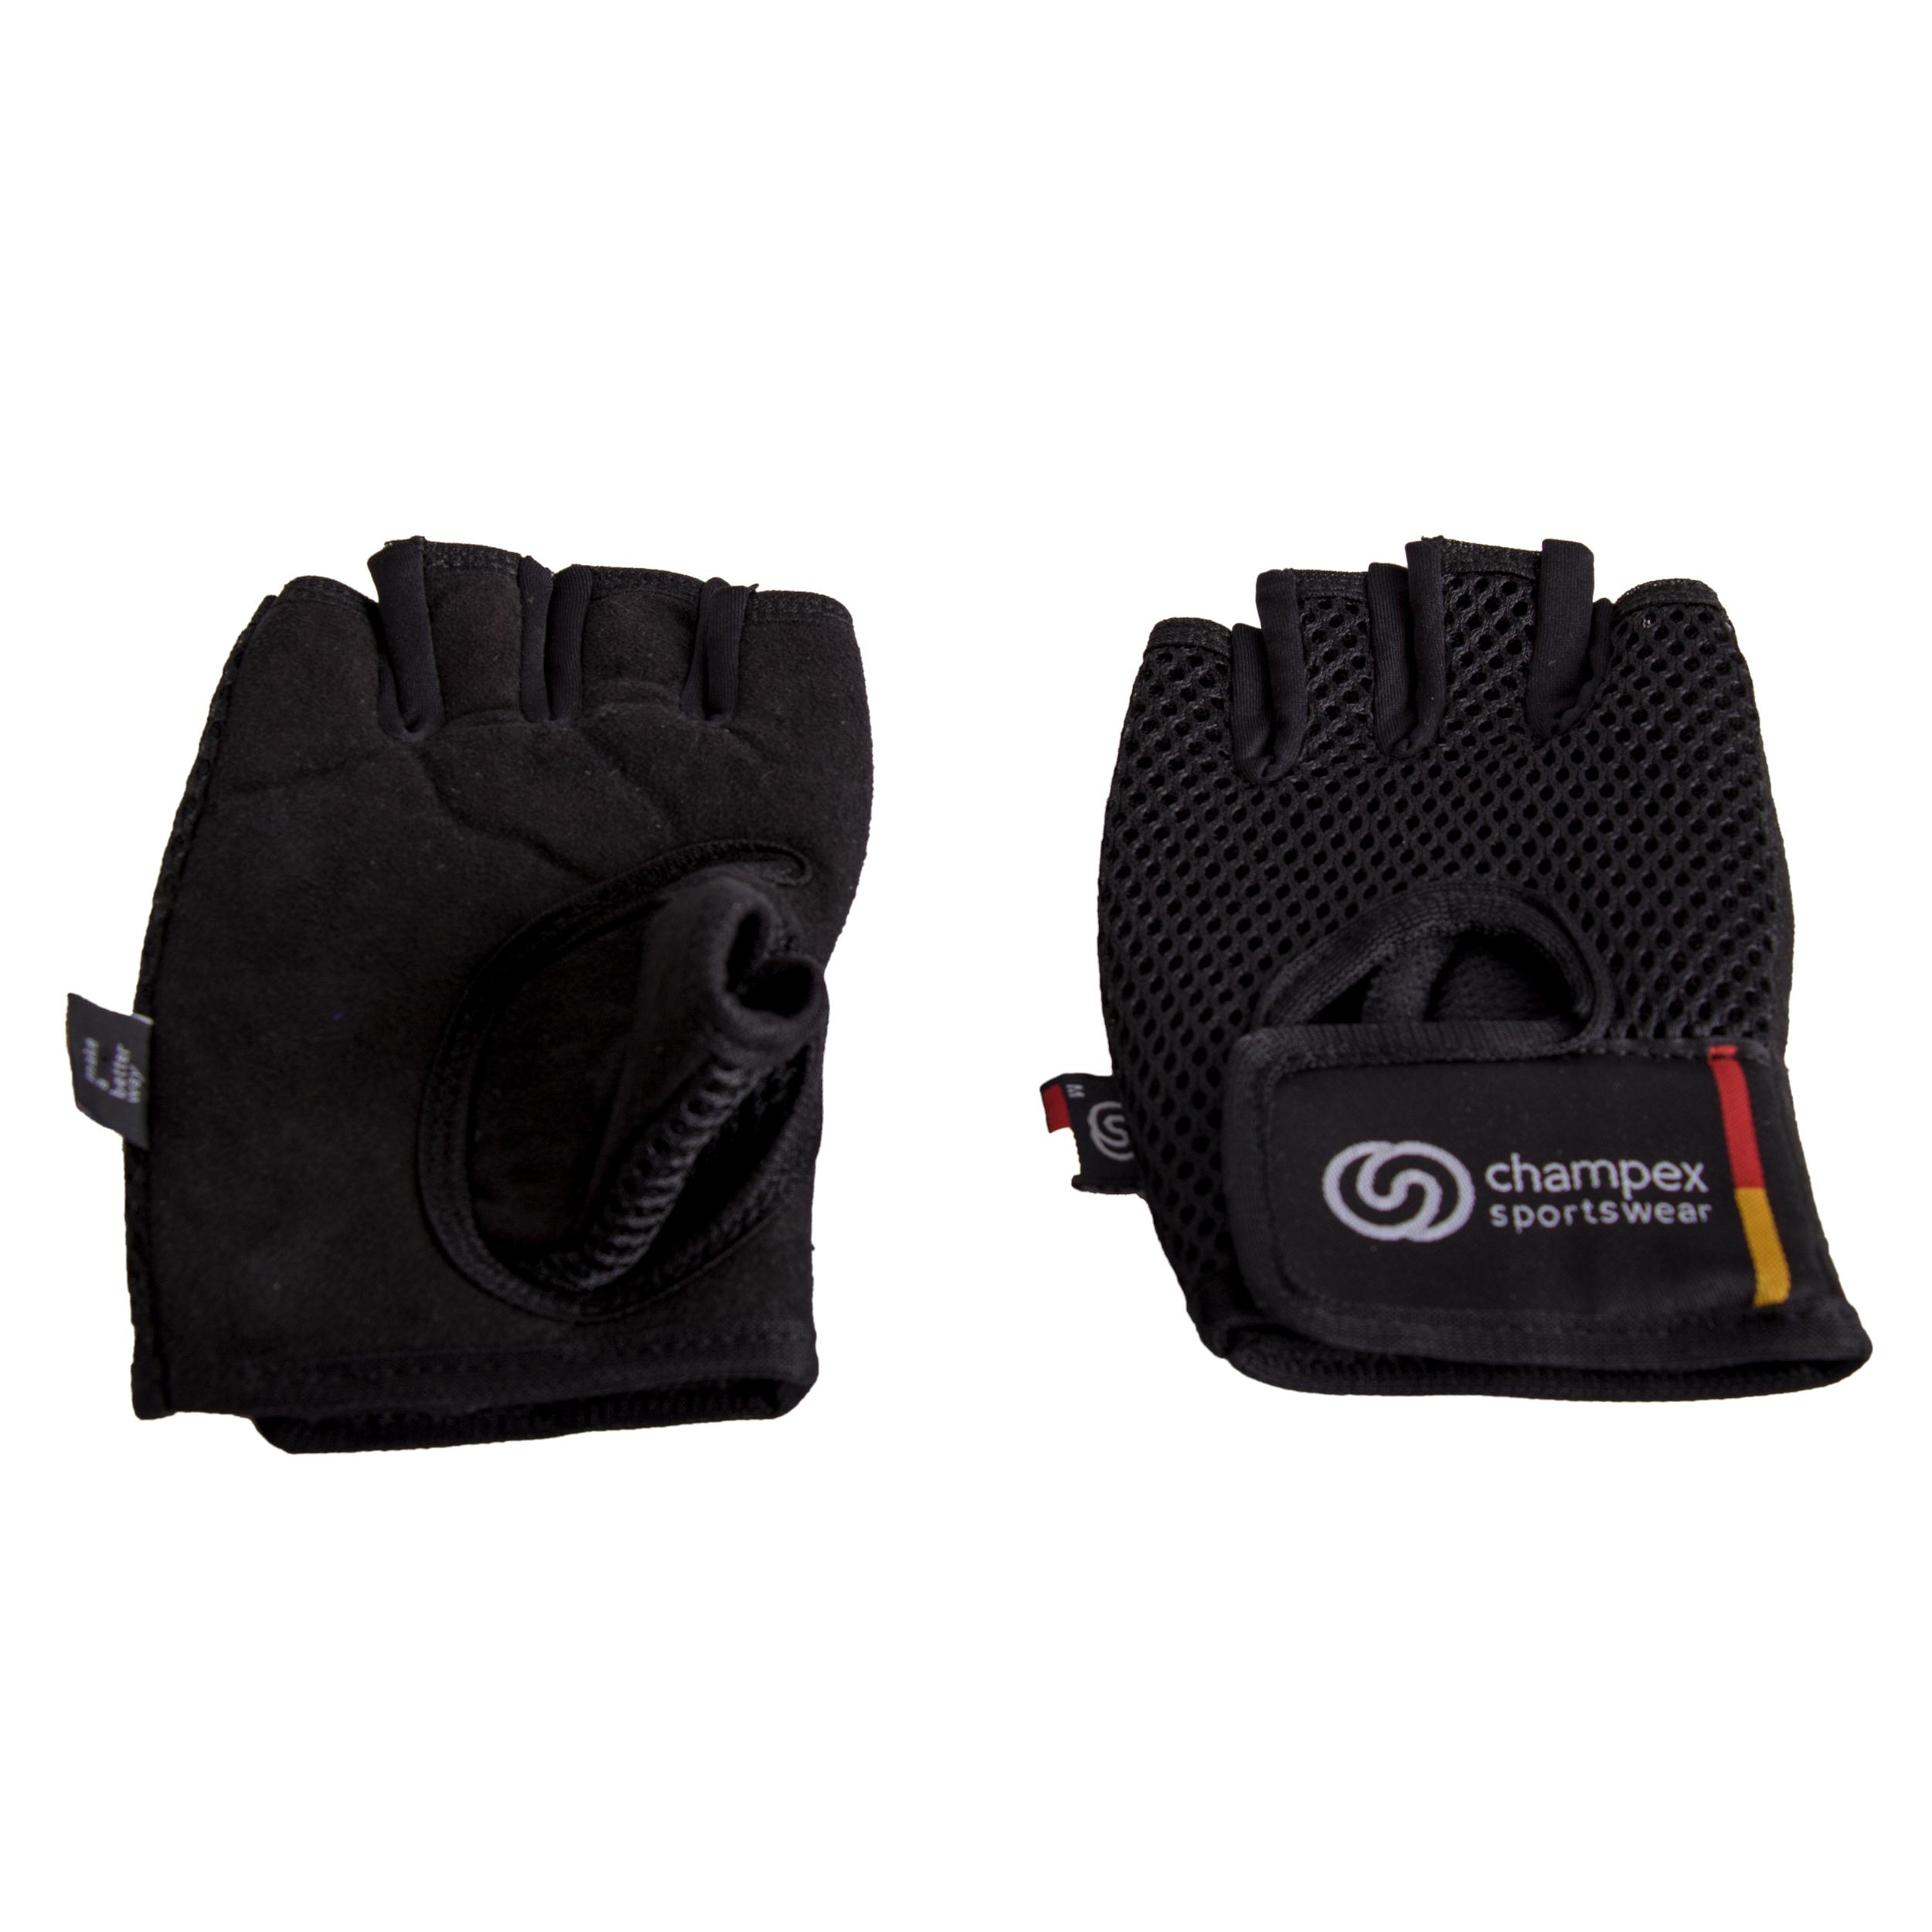 دستکش تمرین چمپکس مدل Fit Palm Black